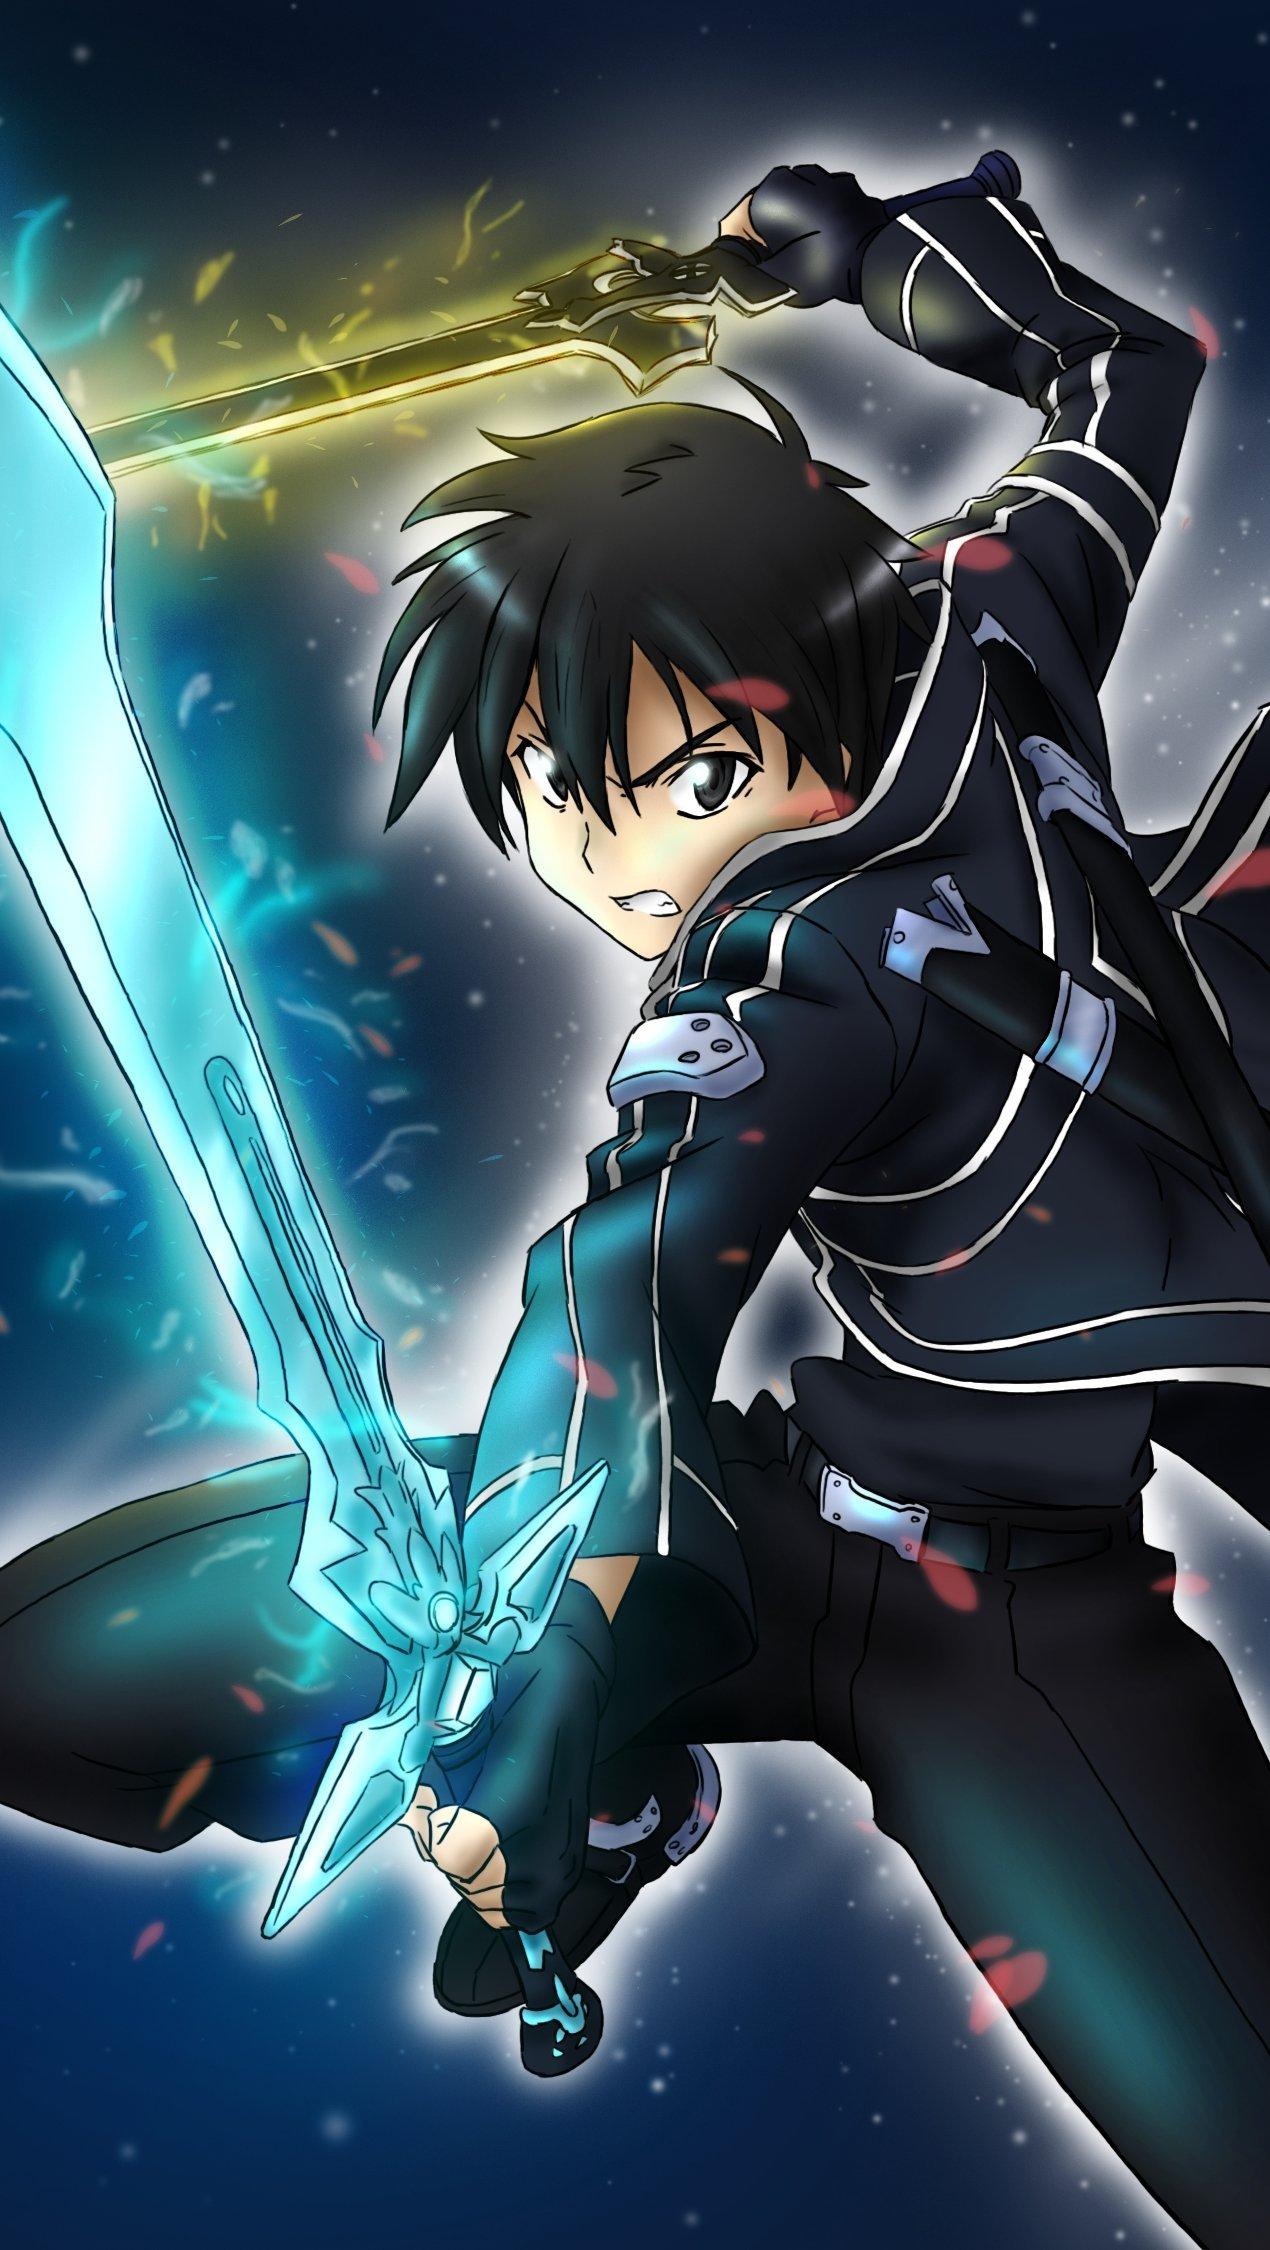 Anime Wallpaper Kirito Sword Art Online Vertical